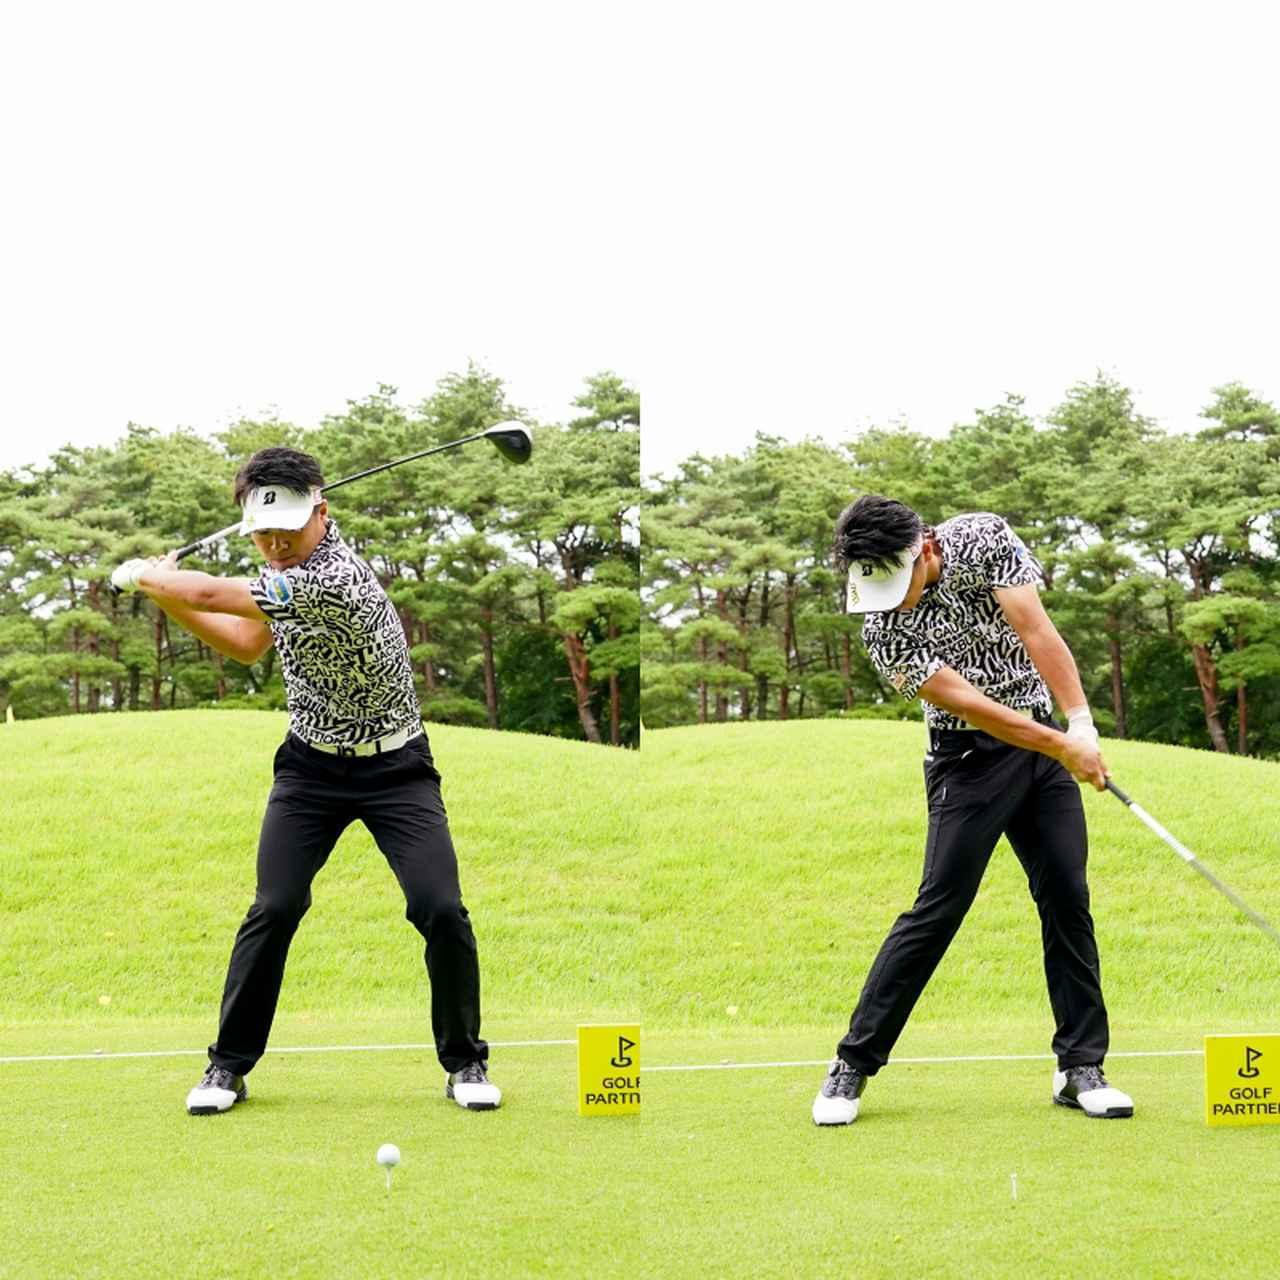 画像: 切り返しで左足に踏み込んだあと右足で踏み込むことで回転力を上げ飛距離に結びつけている(写真/JGTO images)